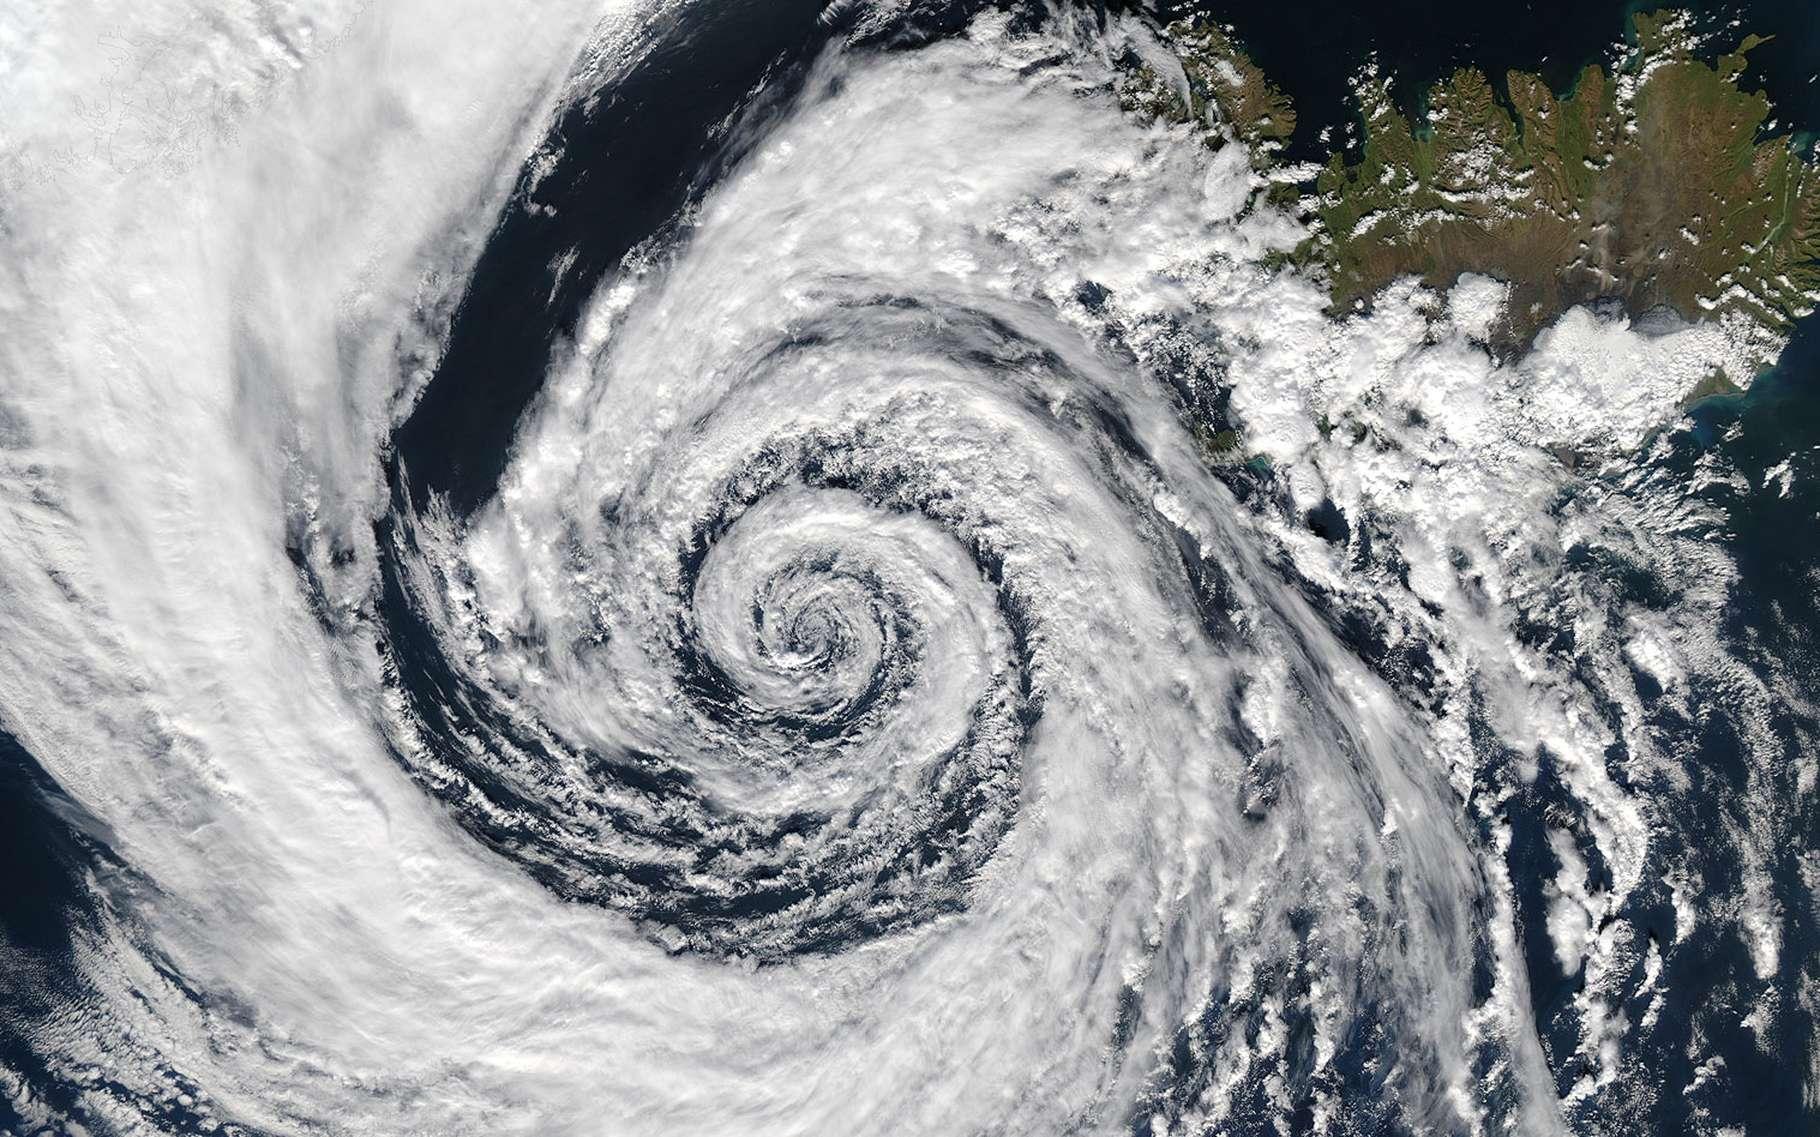 L'effet de Coriolis visible dans l'atmosphère terrestre. © NASA's Aqua, MODIS